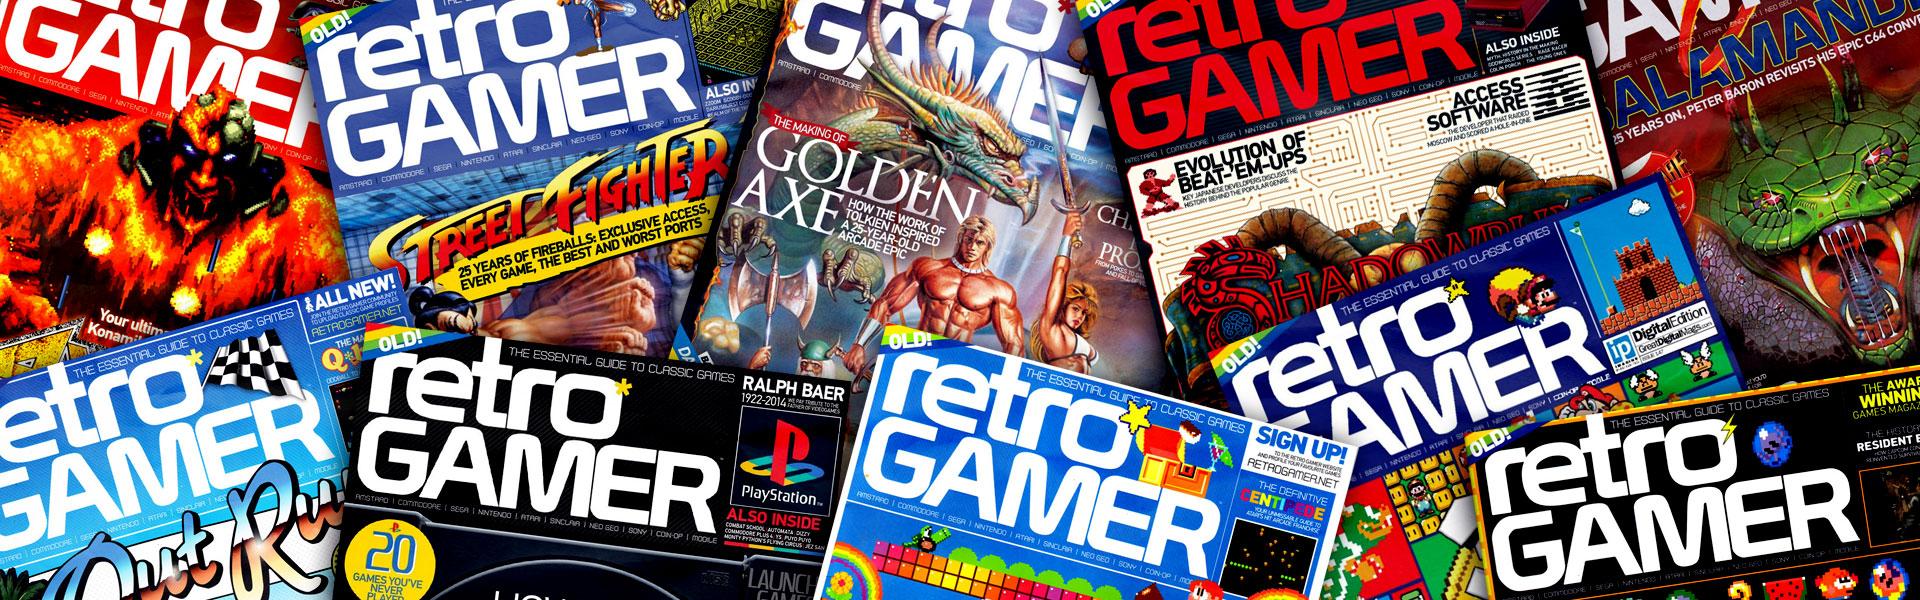 MPU_Ep_42_Retro_Gamer_Magazine_1920x600